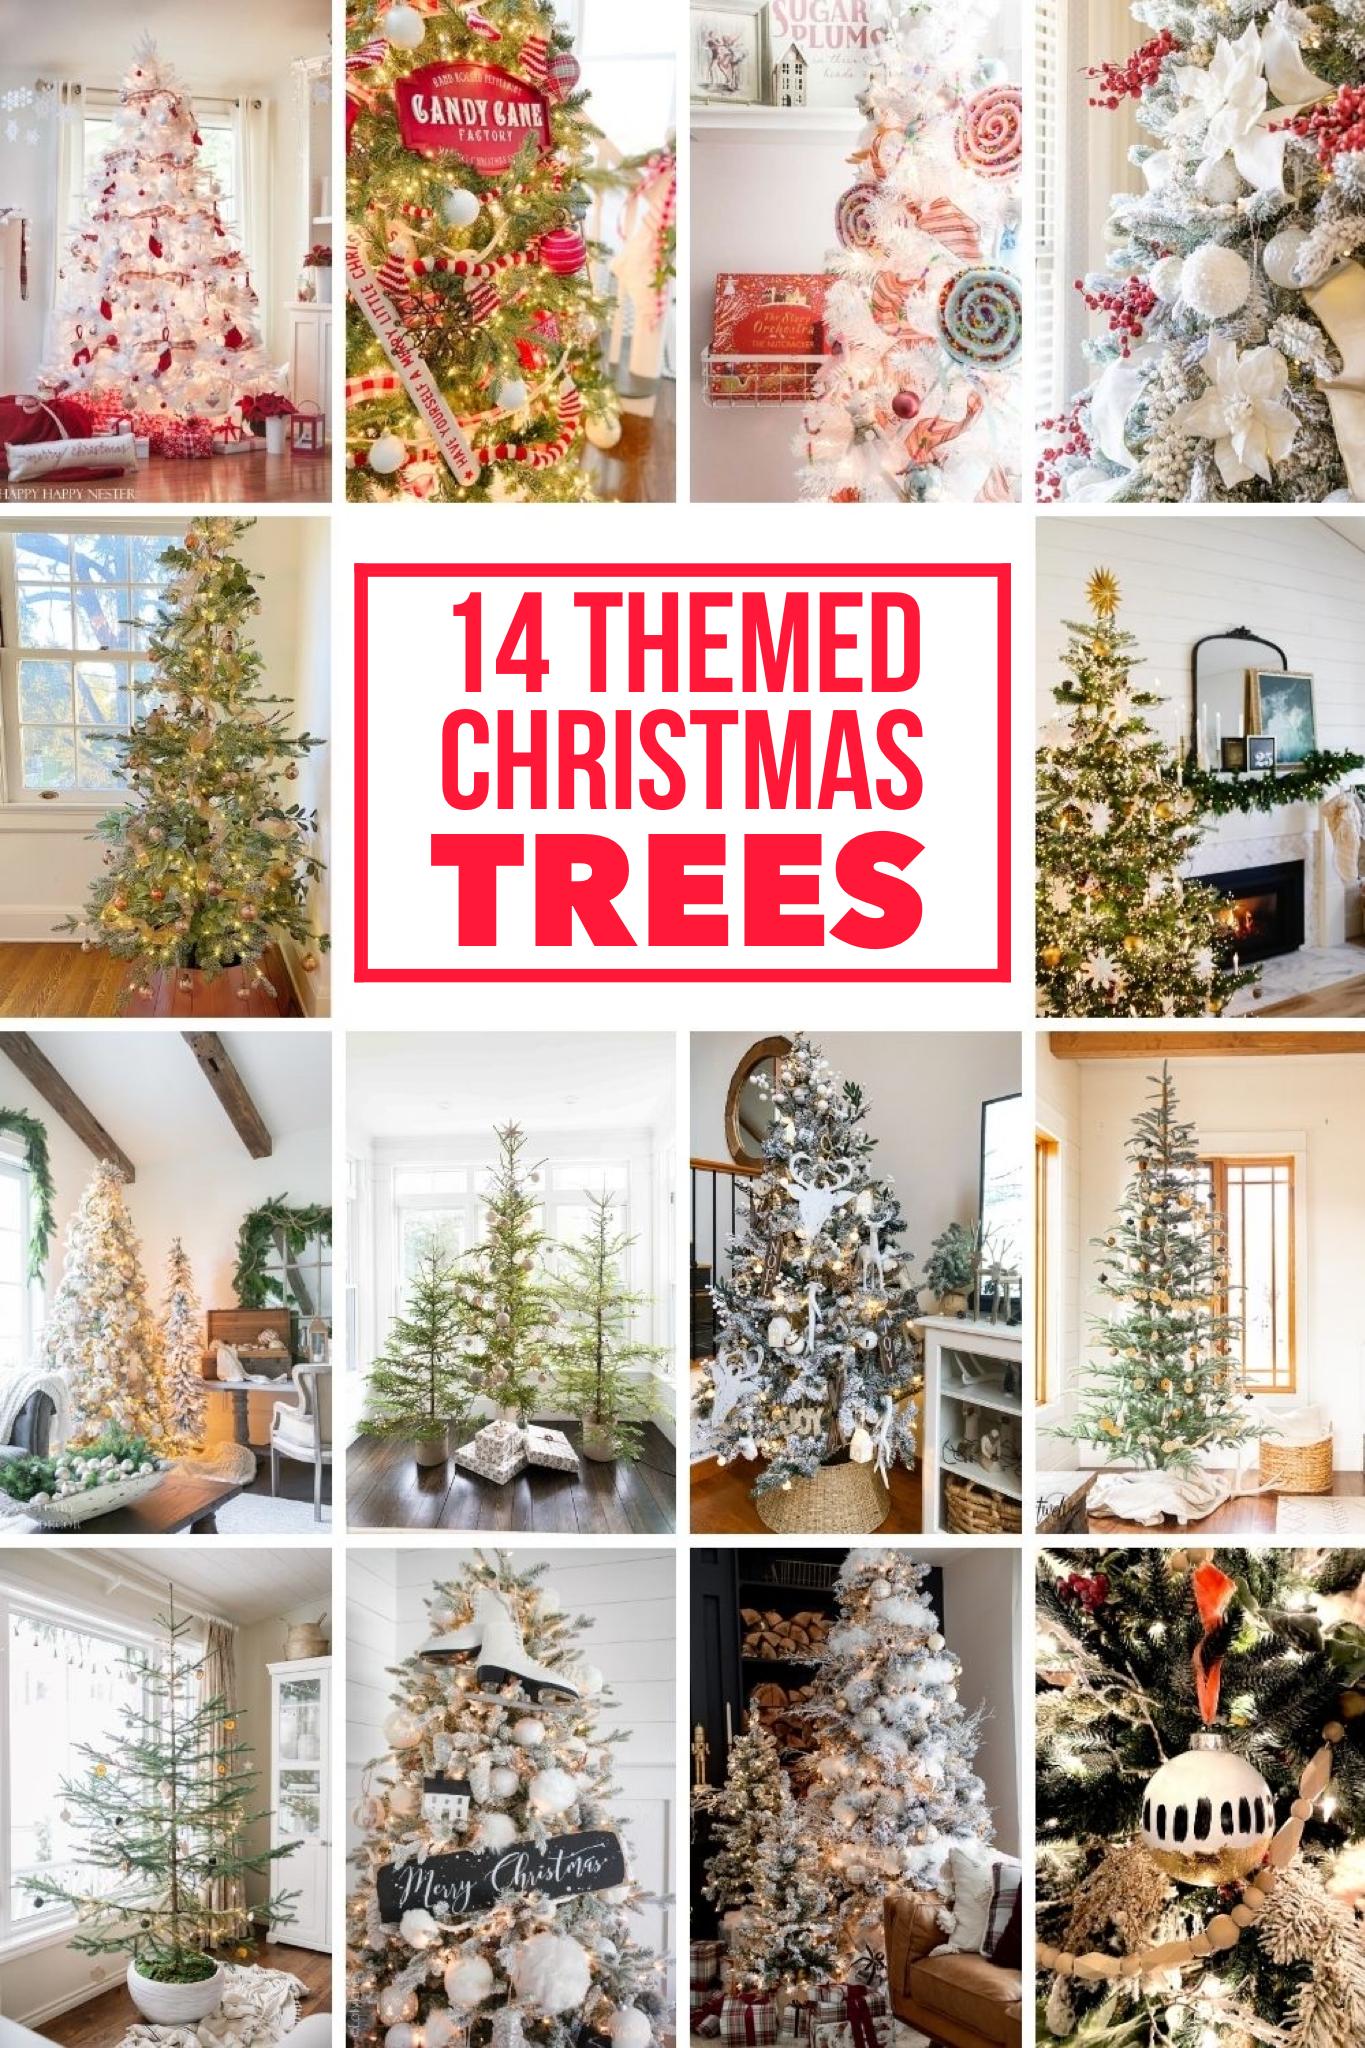 14 themed Christmas trees via @modernglamhome